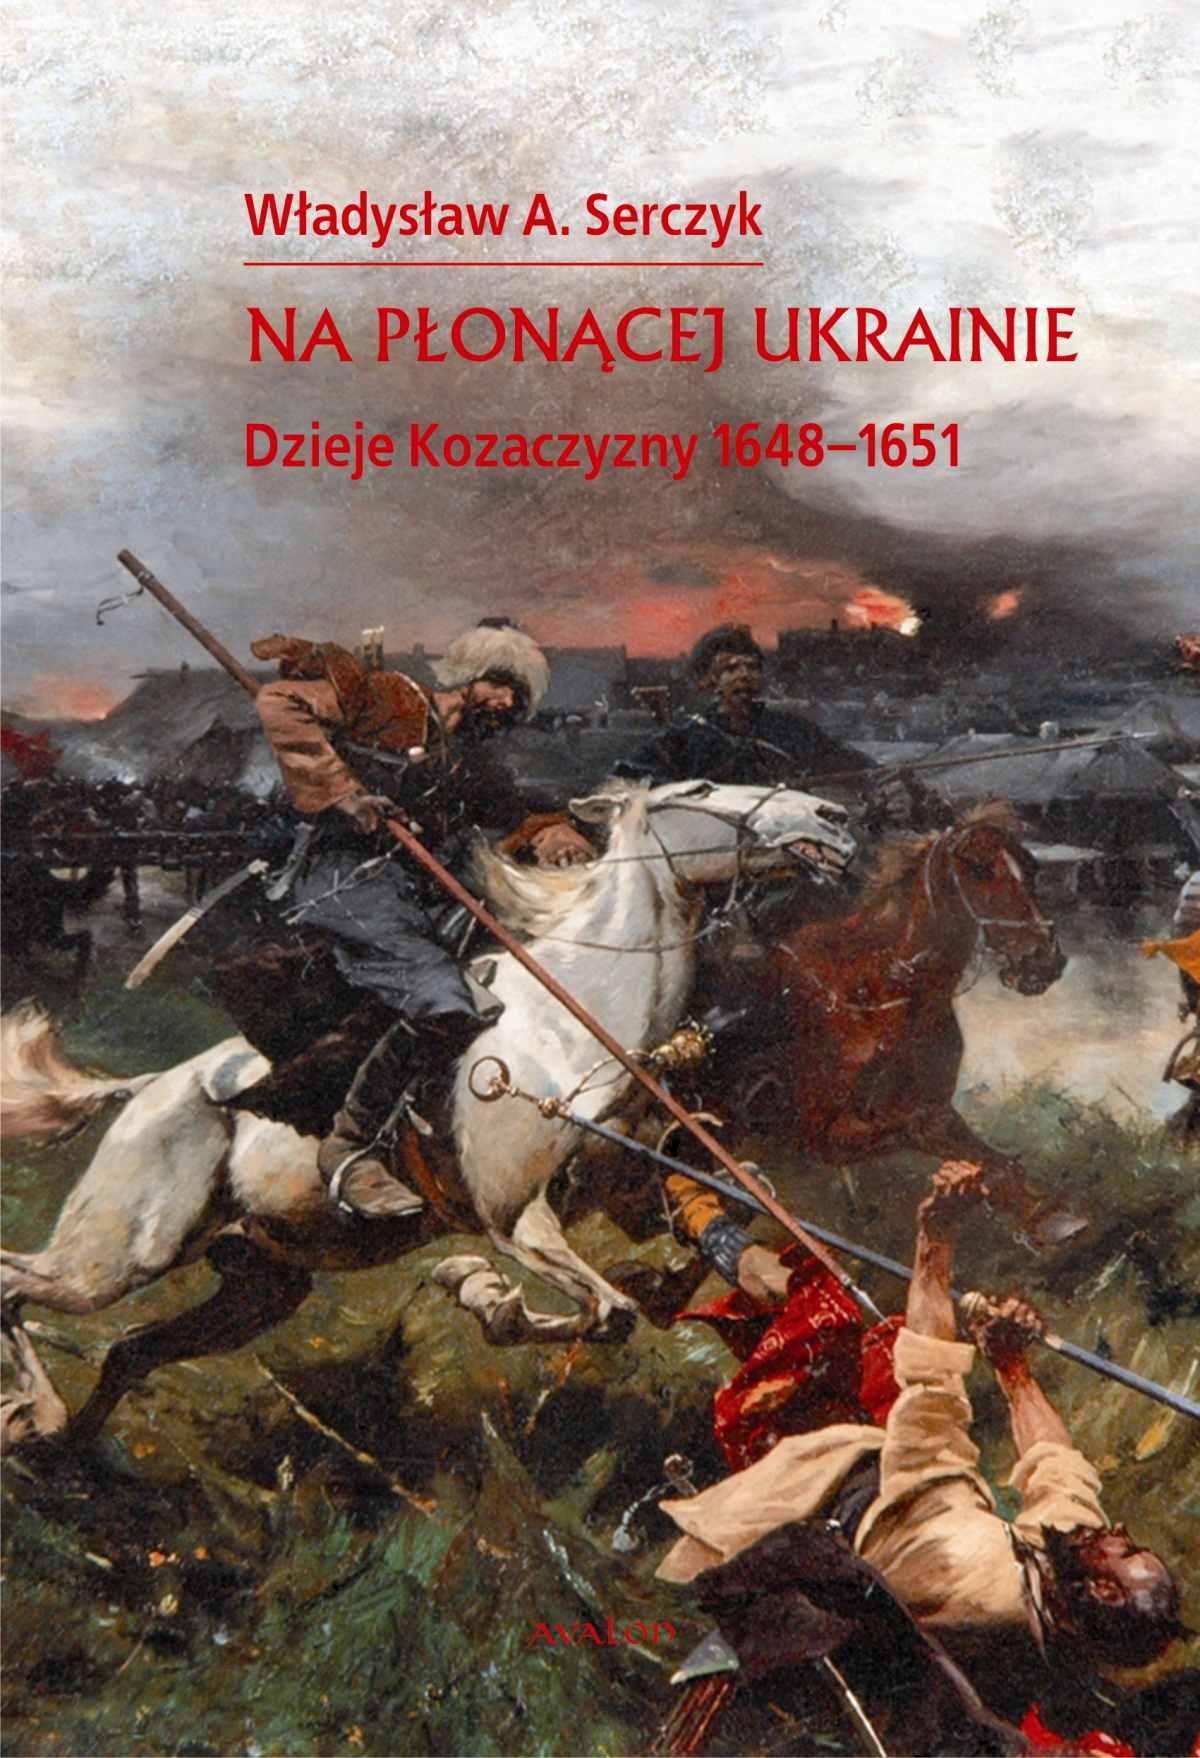 Na płonącej Ukrainie. Dzieje Kozaczyzny 1648-1651. - Ebook (Książka PDF) do pobrania w formacie PDF